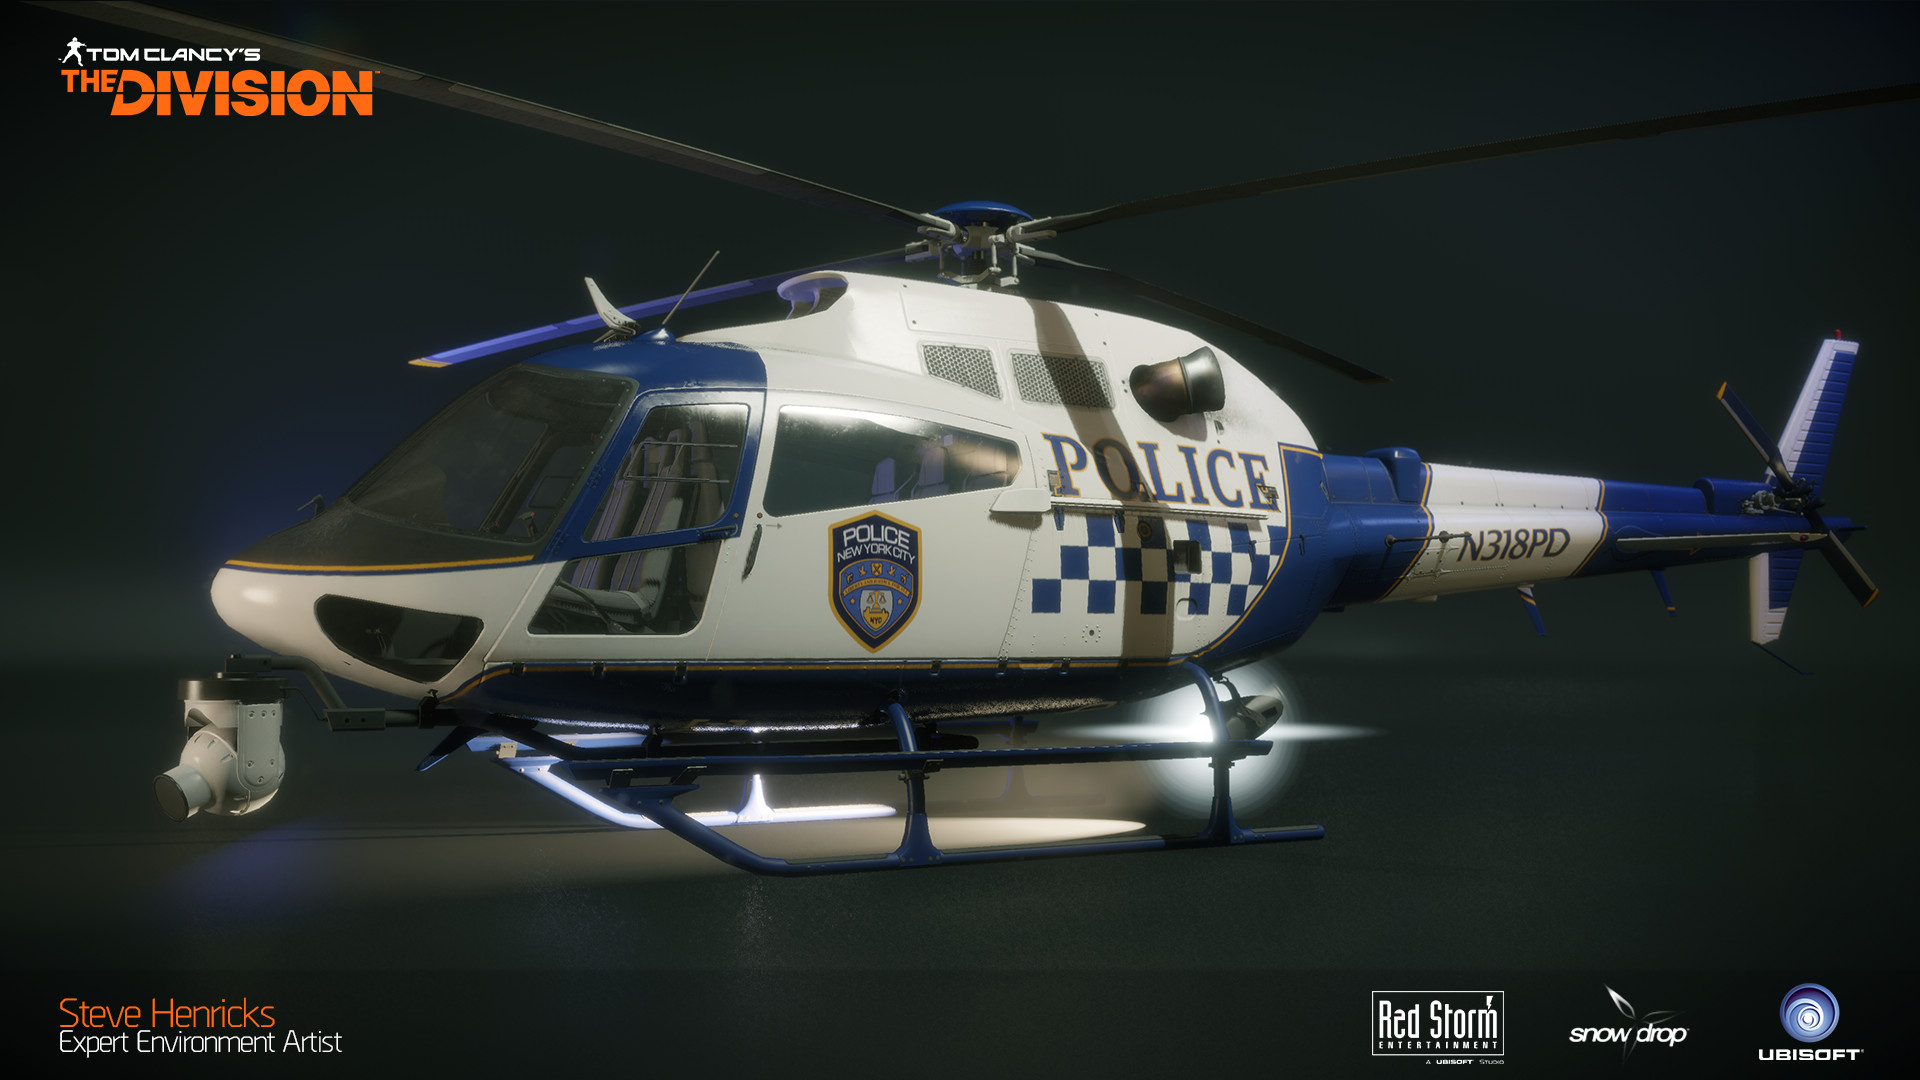 Steve henricks policeheli01